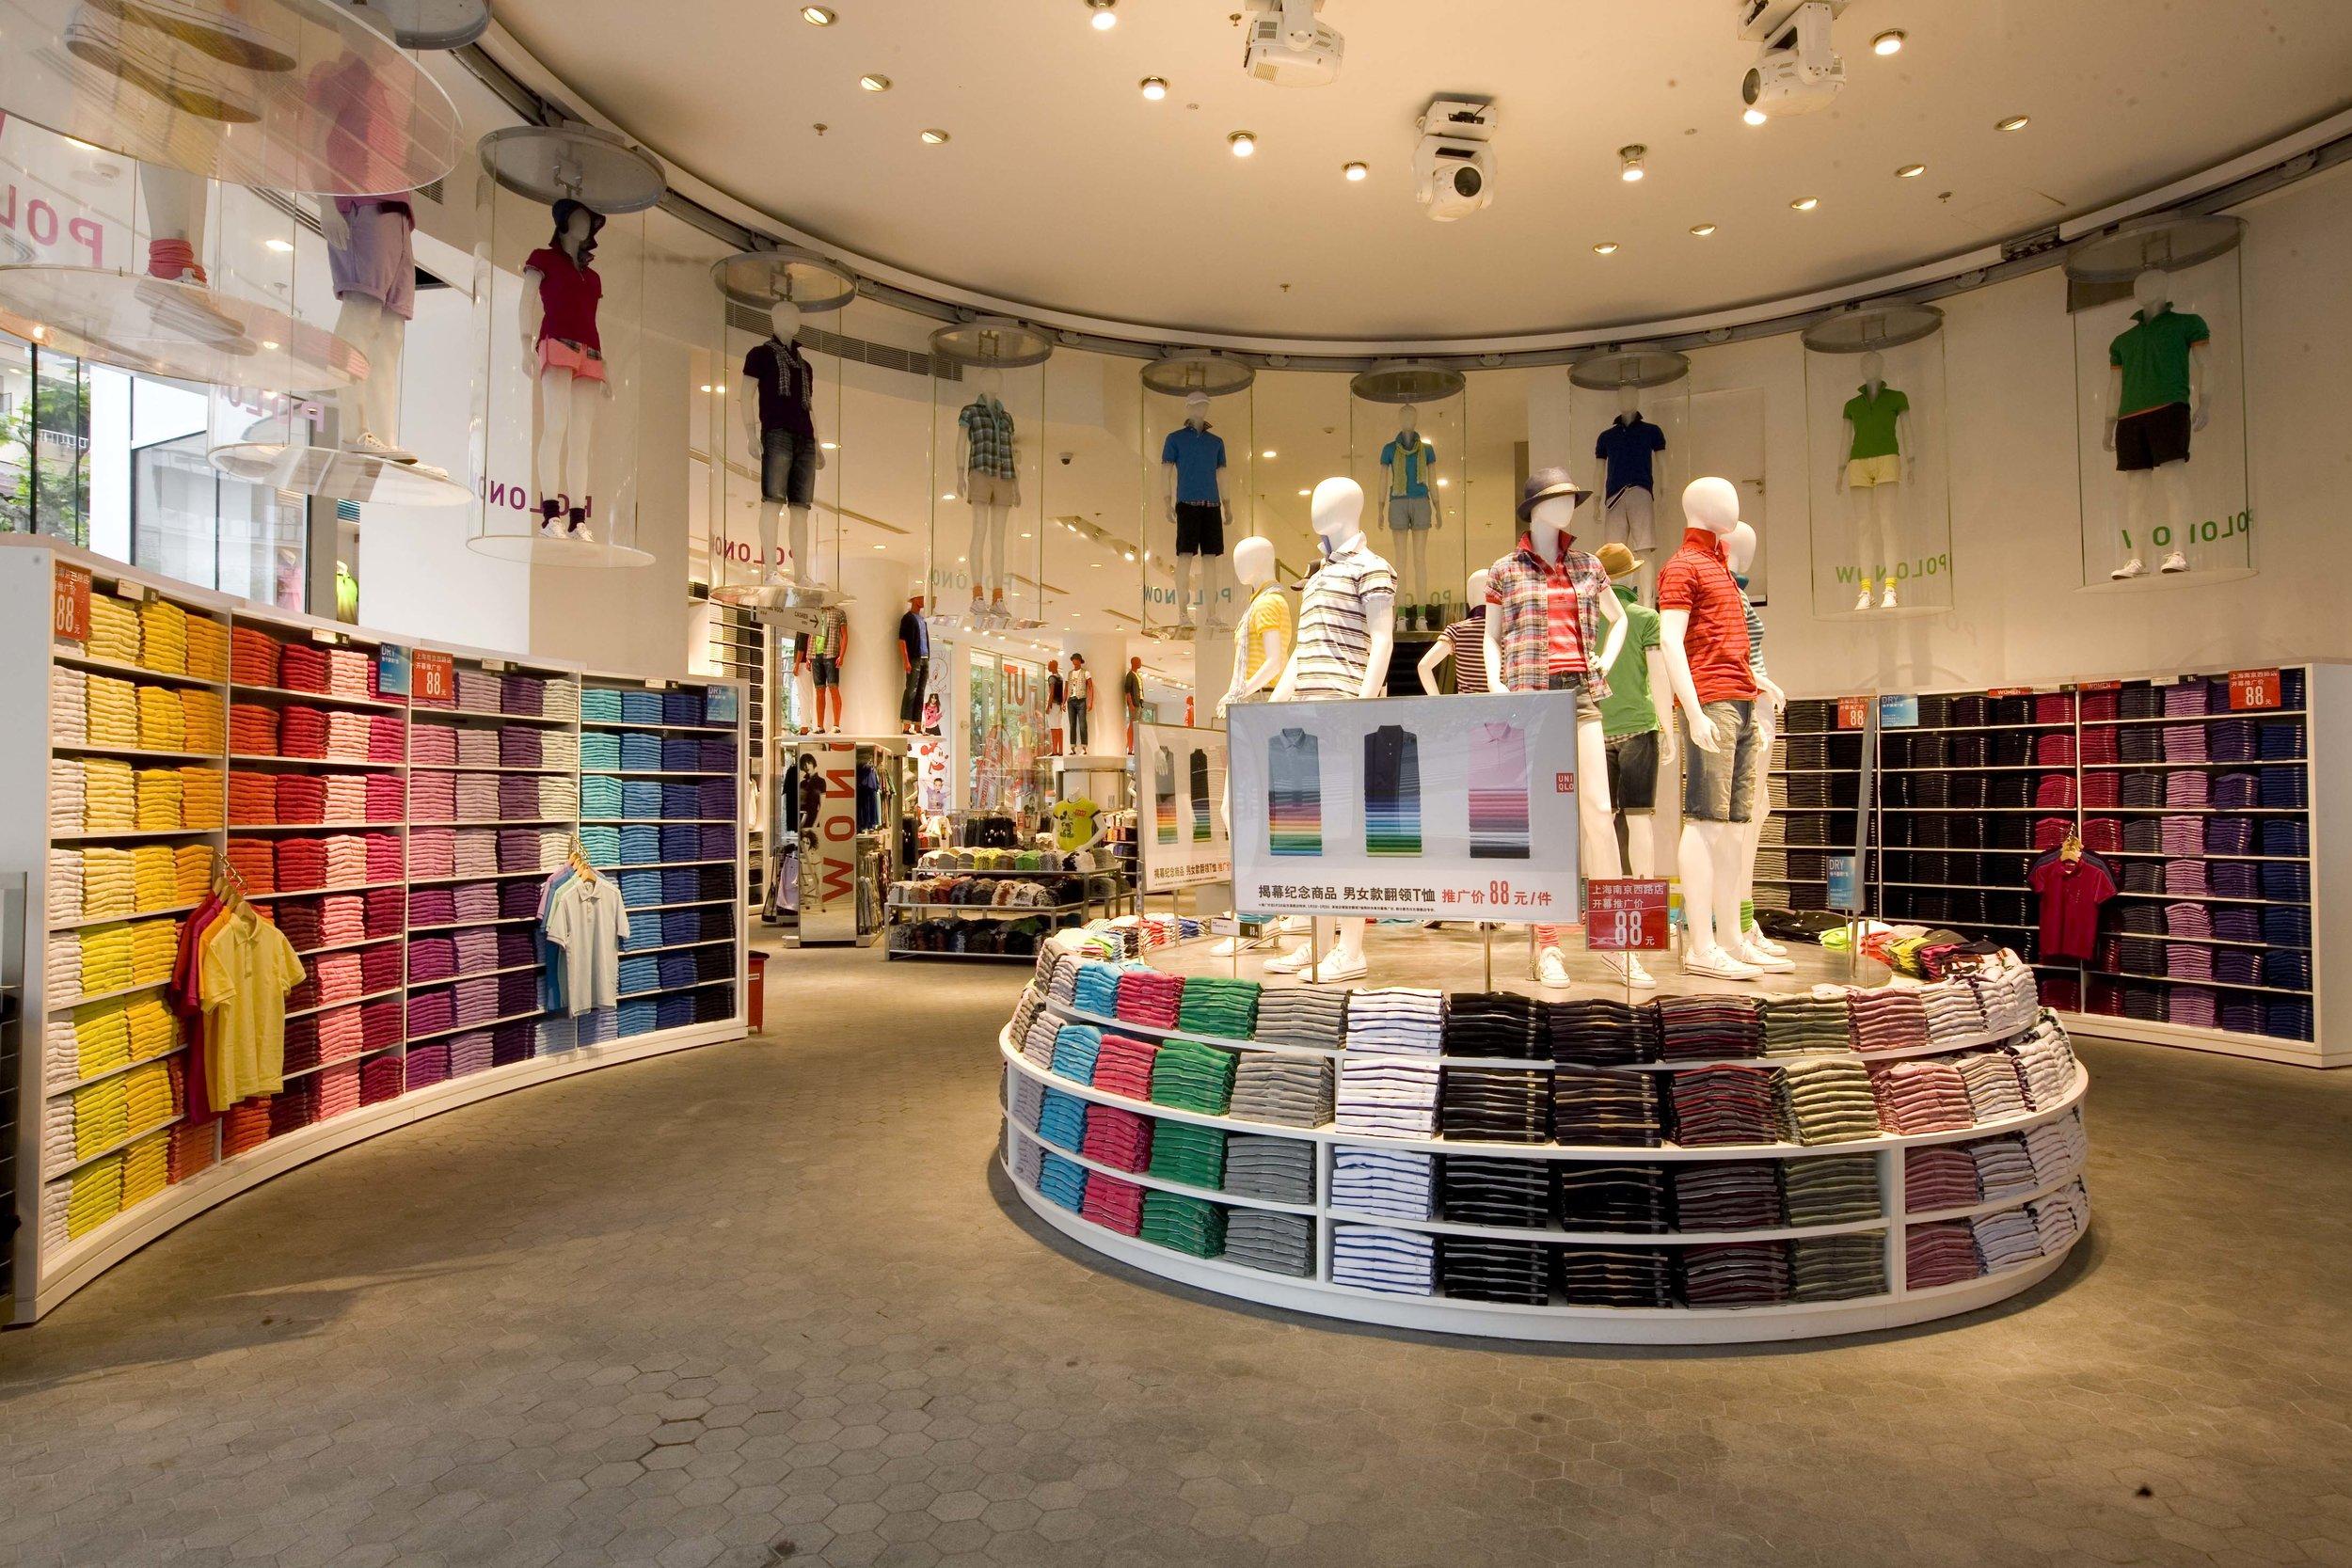 La tienda de ropa Uniqlo es pionera en el uso de la ciencia y la inteligencia artificial para crear una experiencia única en la tienda.